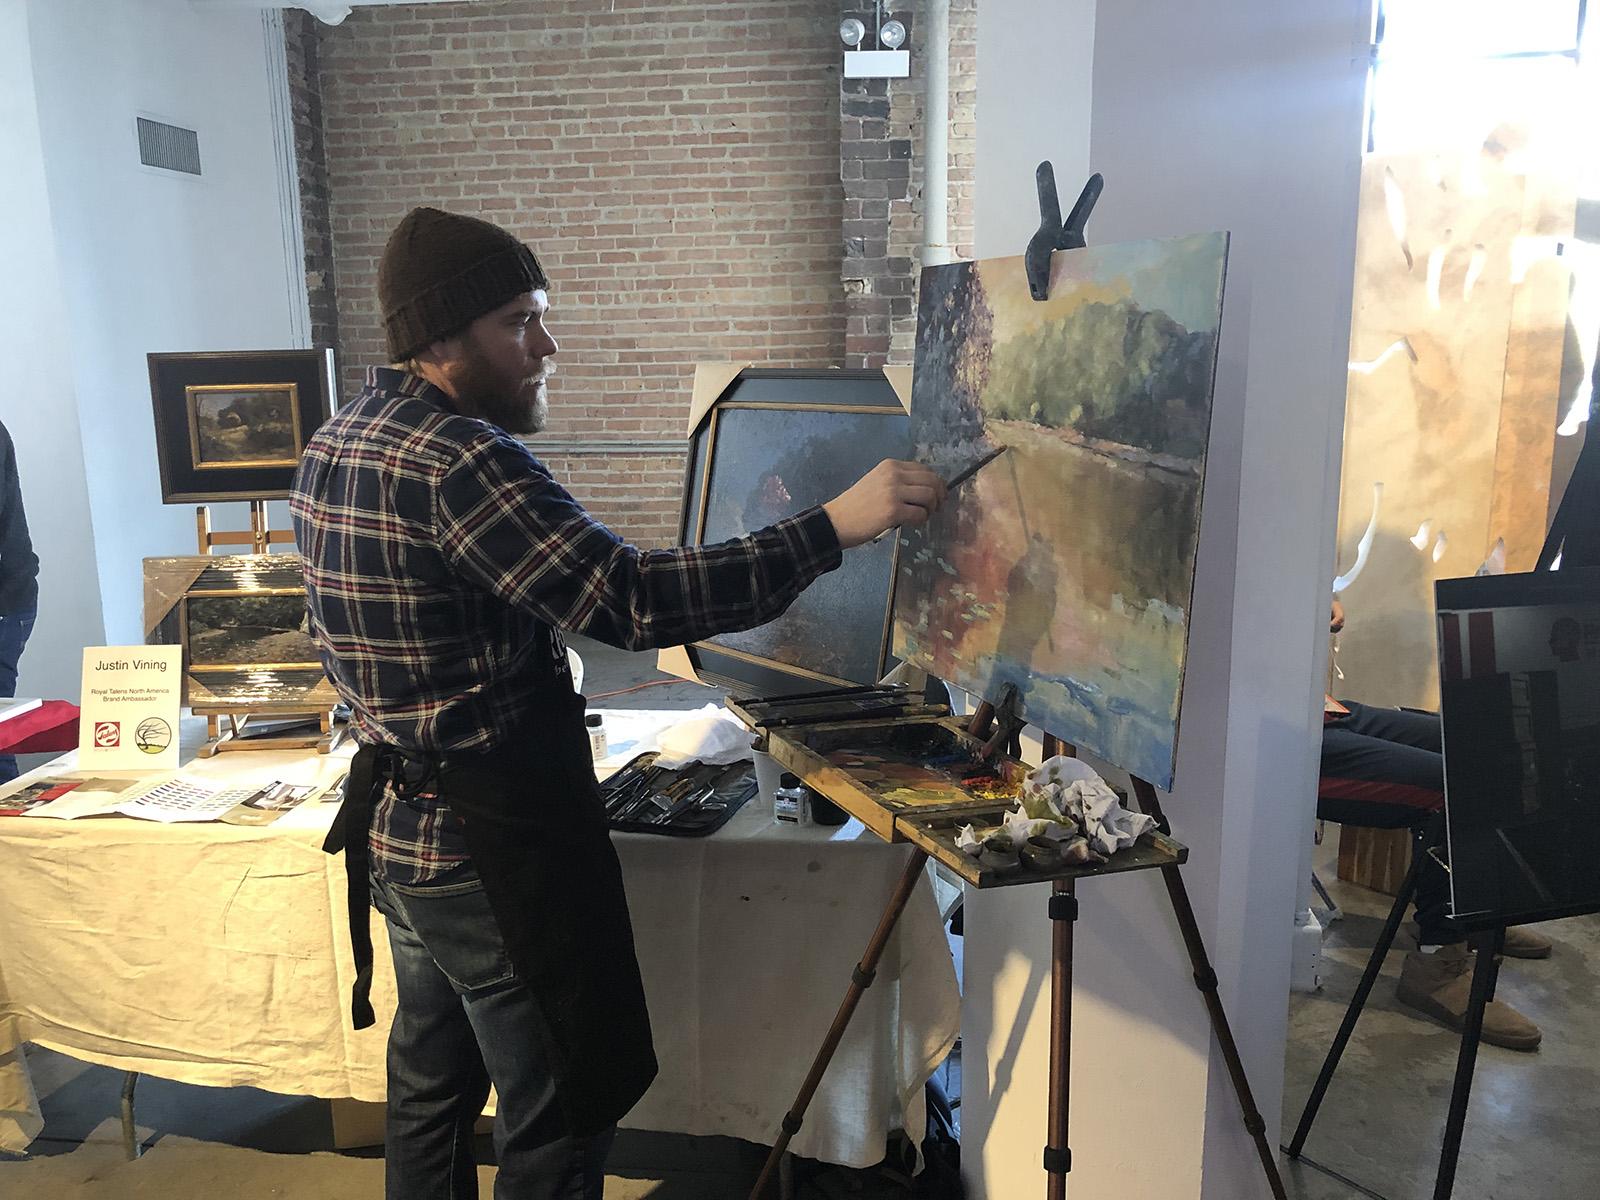 Justin Vining Royal Talens Blick Illinois High School Art Exhibition 05.jpg